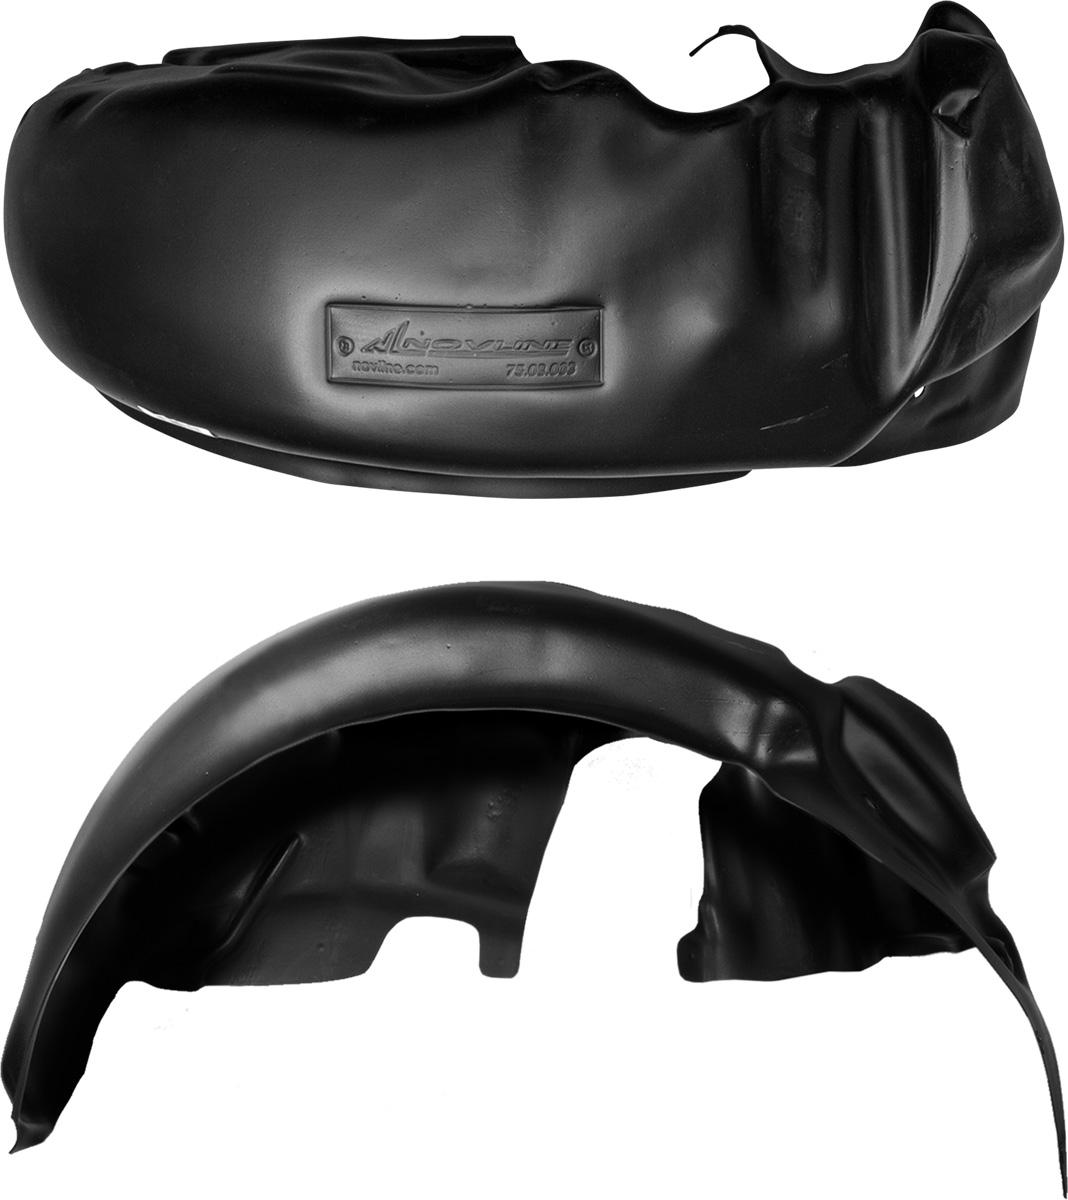 Подкрылок Novline-Autofamily, для Mitsubishi Pajero IV, 2006->, задний левыйNLL.35.16.003Колесные ниши - одни из самых уязвимых зон днища вашего автомобиля. Они постоянно подвергаются воздействию со стороны дороги. Лучшая, почти абсолютная защита для них - специально отформованные пластиковые кожухи, которые называются подкрылками. Производятся они как для отечественных моделей автомобилей, так и для иномарок. Подкрылки Novline-Autofamily выполнены из высококачественного, экологически чистого пластика. Обеспечивают надежную защиту кузова автомобиля от пескоструйного эффекта и негативного влияния, агрессивных антигололедных реагентов. Пластик обладает более низкой теплопроводностью, чем металл, поэтому в зимний период эксплуатации использование пластиковых подкрылков позволяет лучше защитить колесные ниши от налипания снега и образования наледи. Оригинальность конструкции подчеркивает элегантность автомобиля, бережно защищает нанесенное на днище кузова антикоррозийное покрытие и позволяет осуществить крепление подкрылков внутри колесной арки практически без...